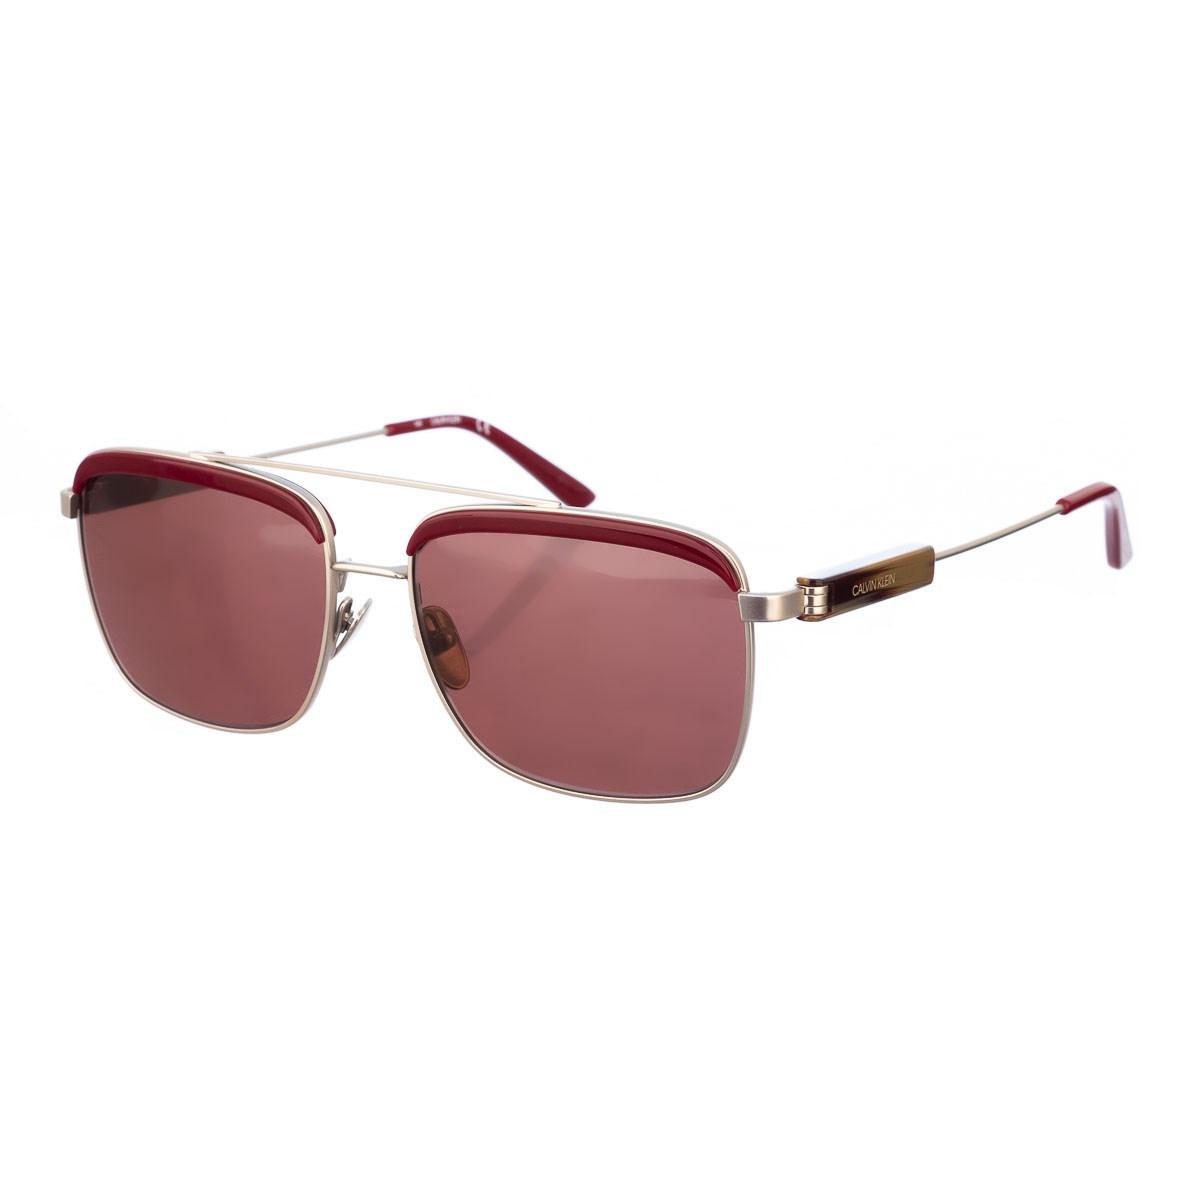 Gafas de sol calvin klein ck19100s-601